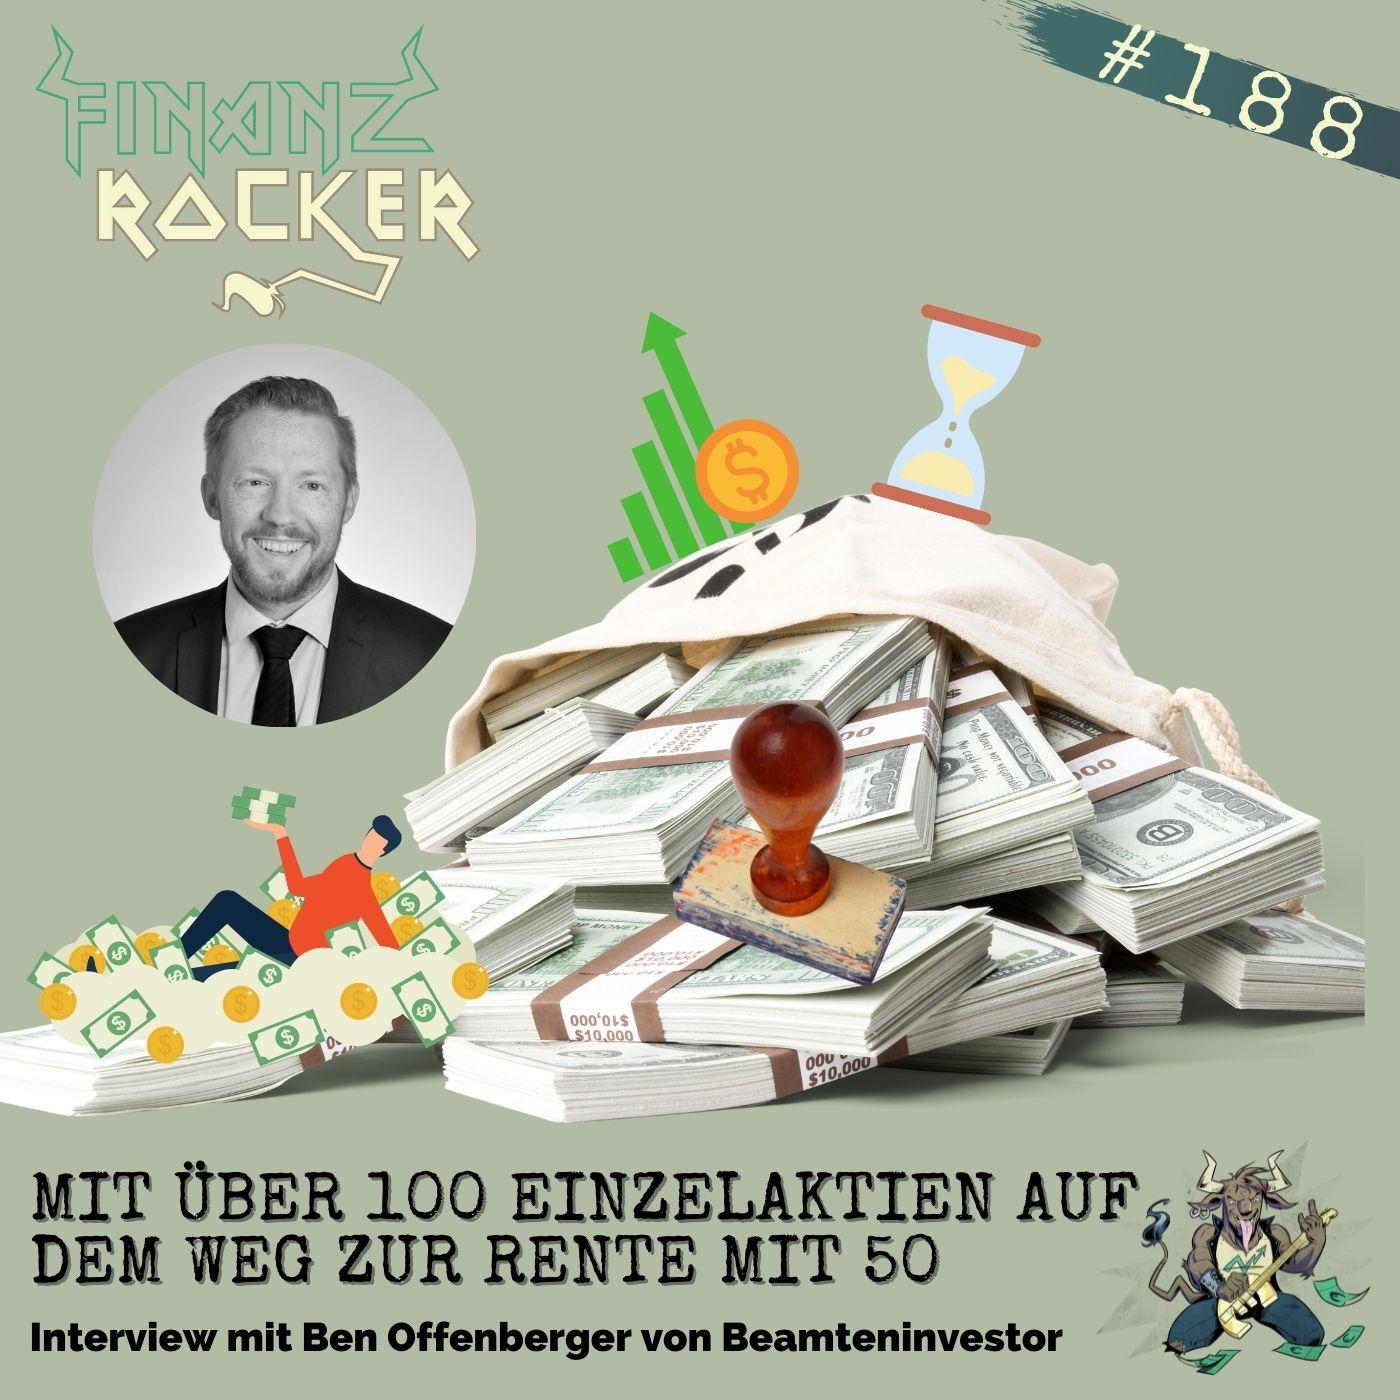 Folge 188: Mit über 100 Einzelaktien auf dem Weg zur Rente mit 50 - Interview mit Beamteninvestor Ben Offenberger